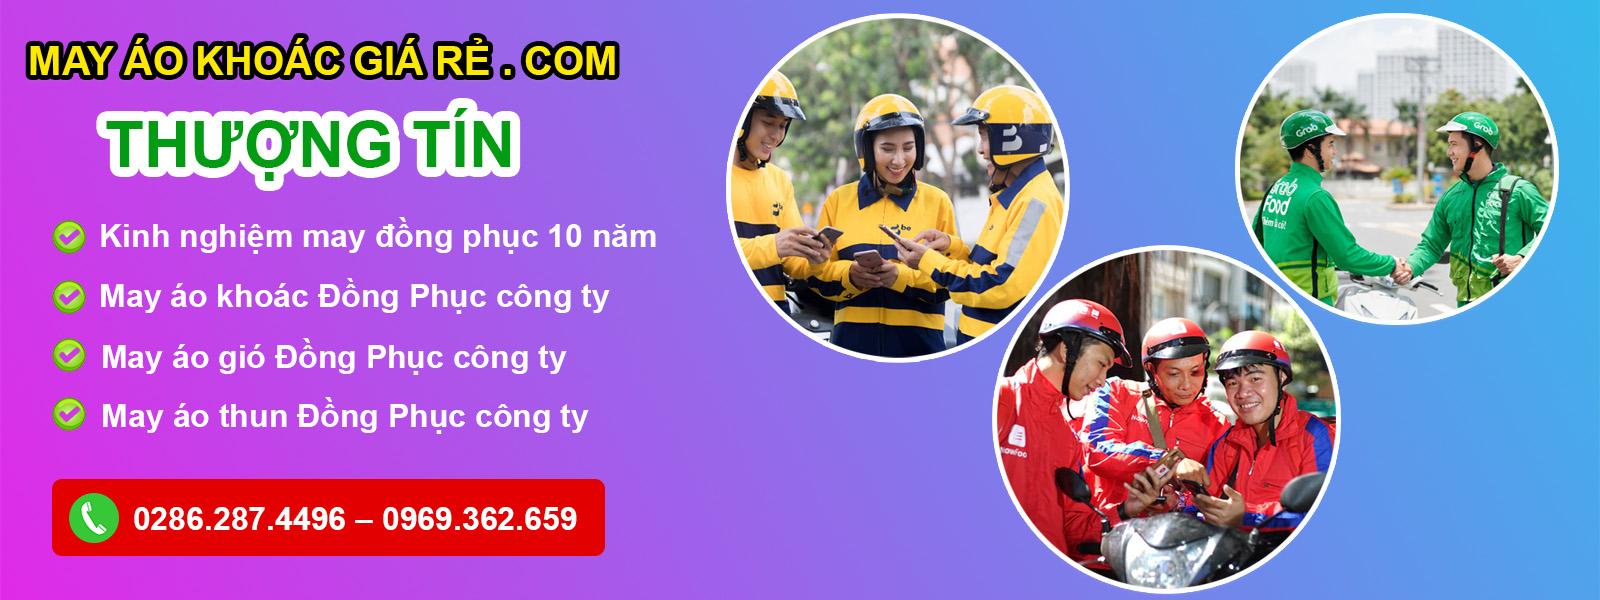 banner-may-dong-phuc